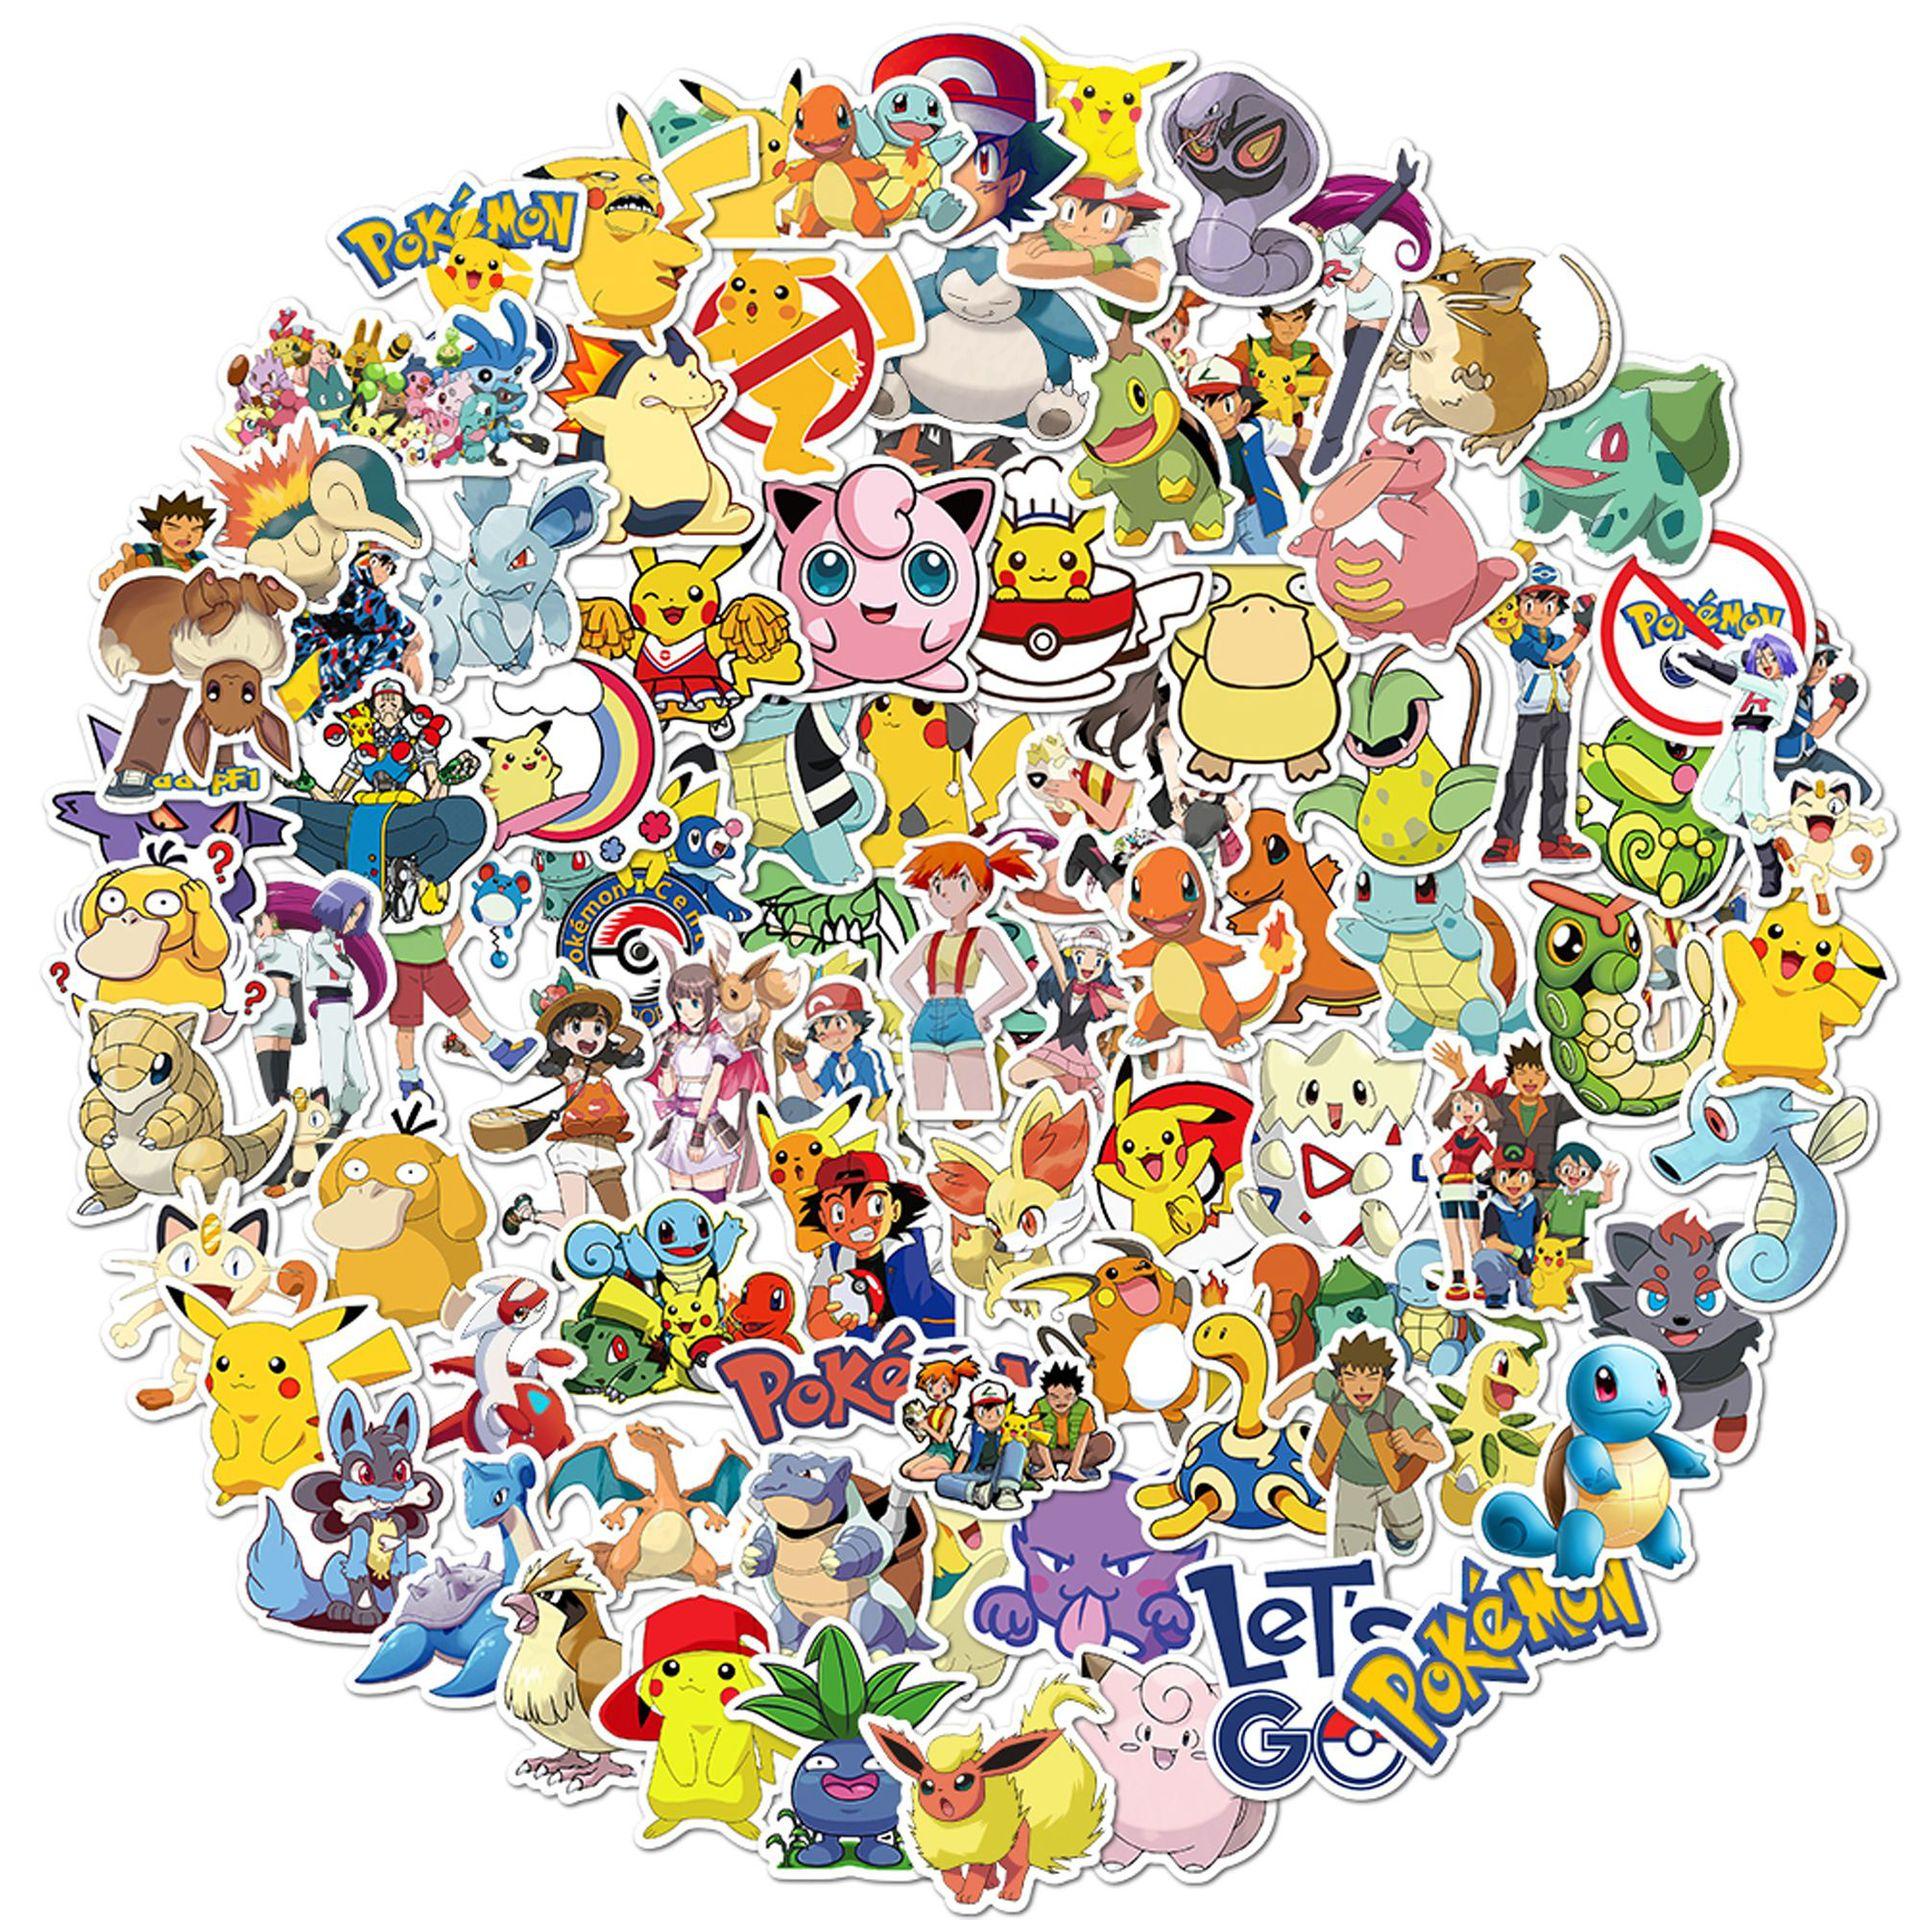 50-100-pz-pacco-pokemon-giappone-adesivi-anime-su-bicicletta-frigorifero-laptop-moto-pikachu-graffiti-per-bambini-regalo